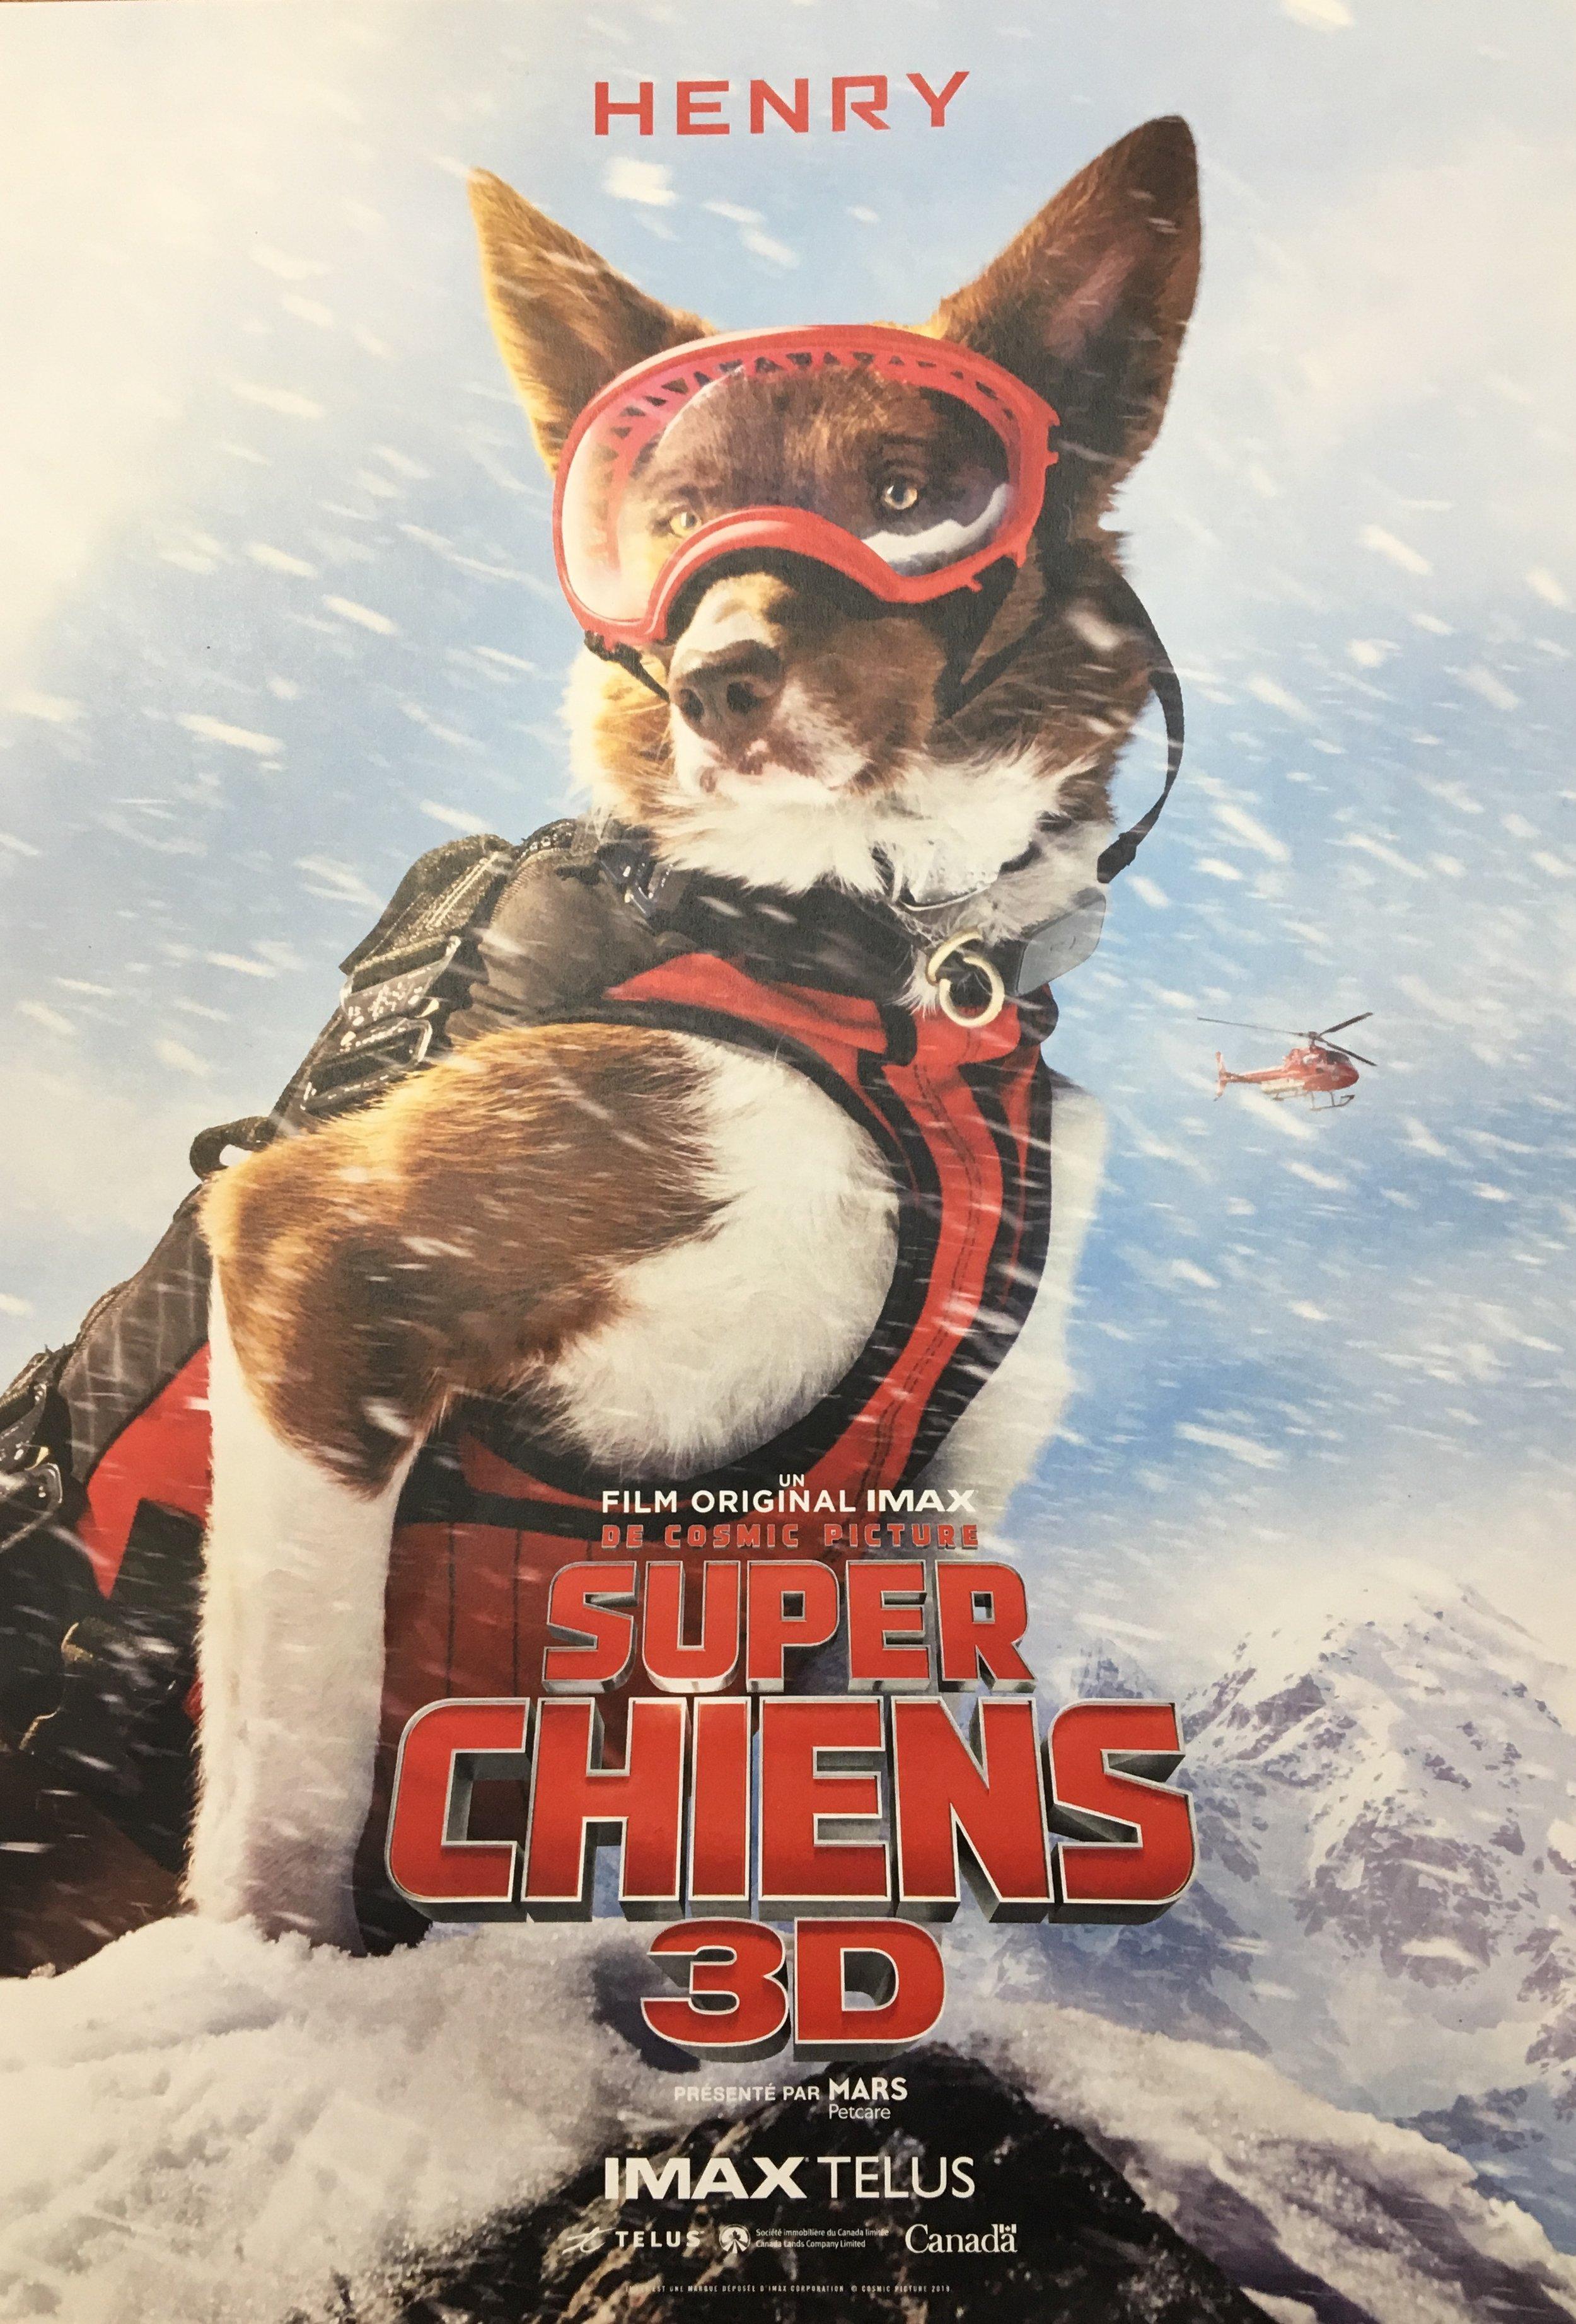 film-3D-super-chiens-expérience-immersive-superhéros-action-sauveteur-activité-chiot-